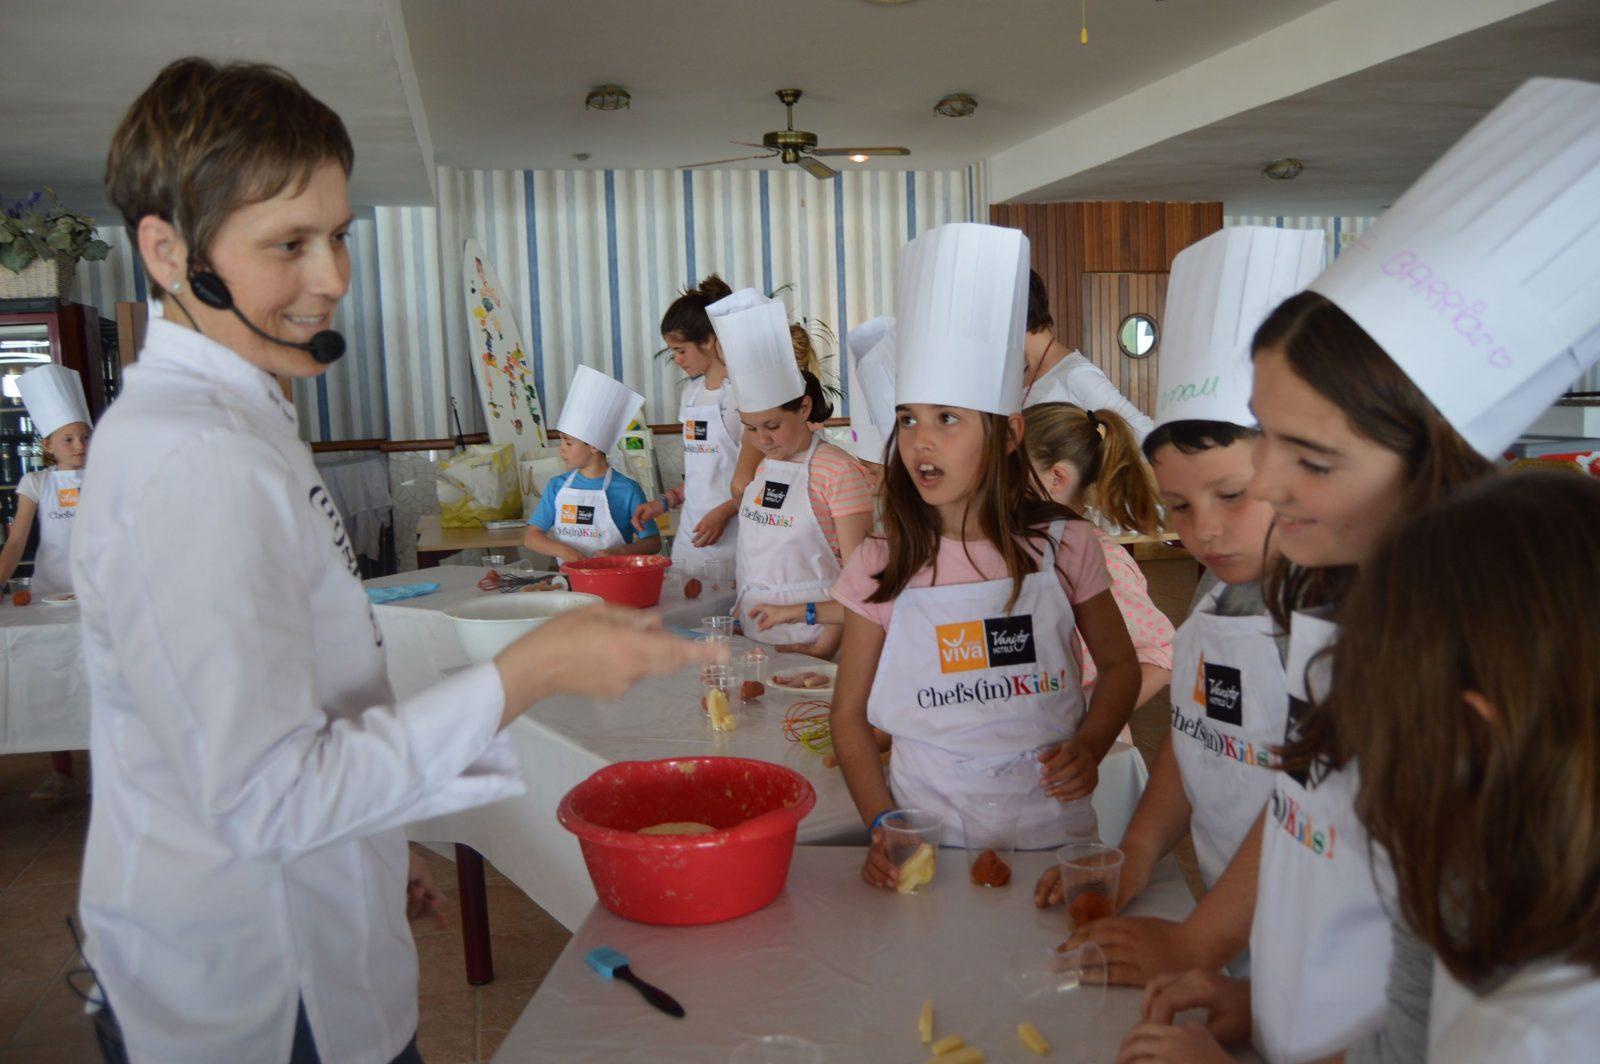 Cocina para ni os en menorca chefs in - Cocina sana para ninos ...